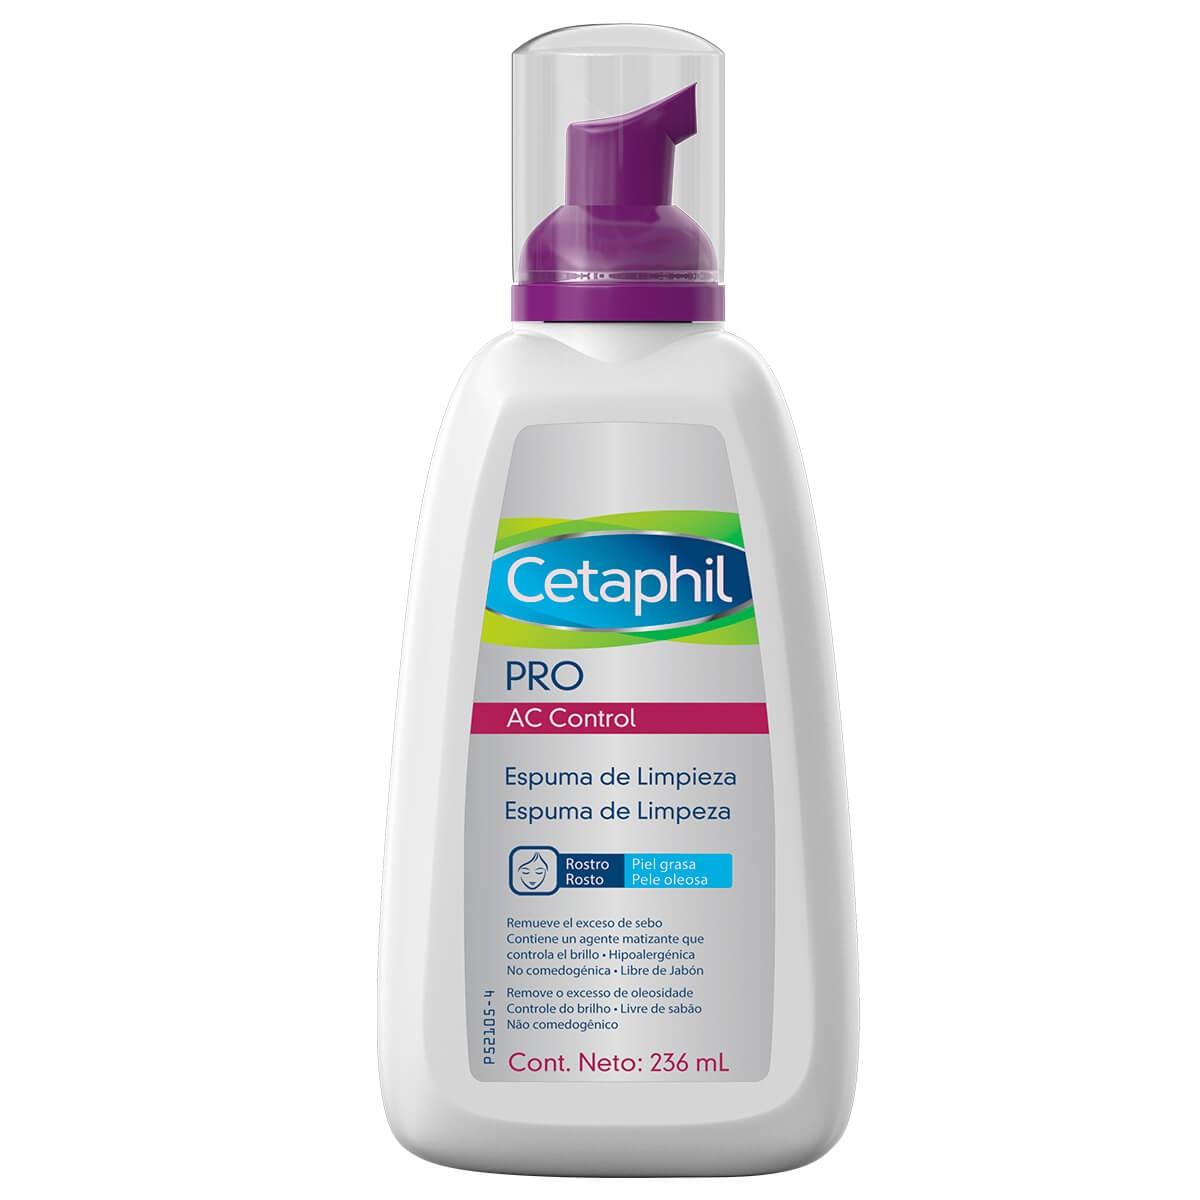 Espuma de Limpeza Facial Cetaphil Pro AC Control Oil Free com 236ml 236ml